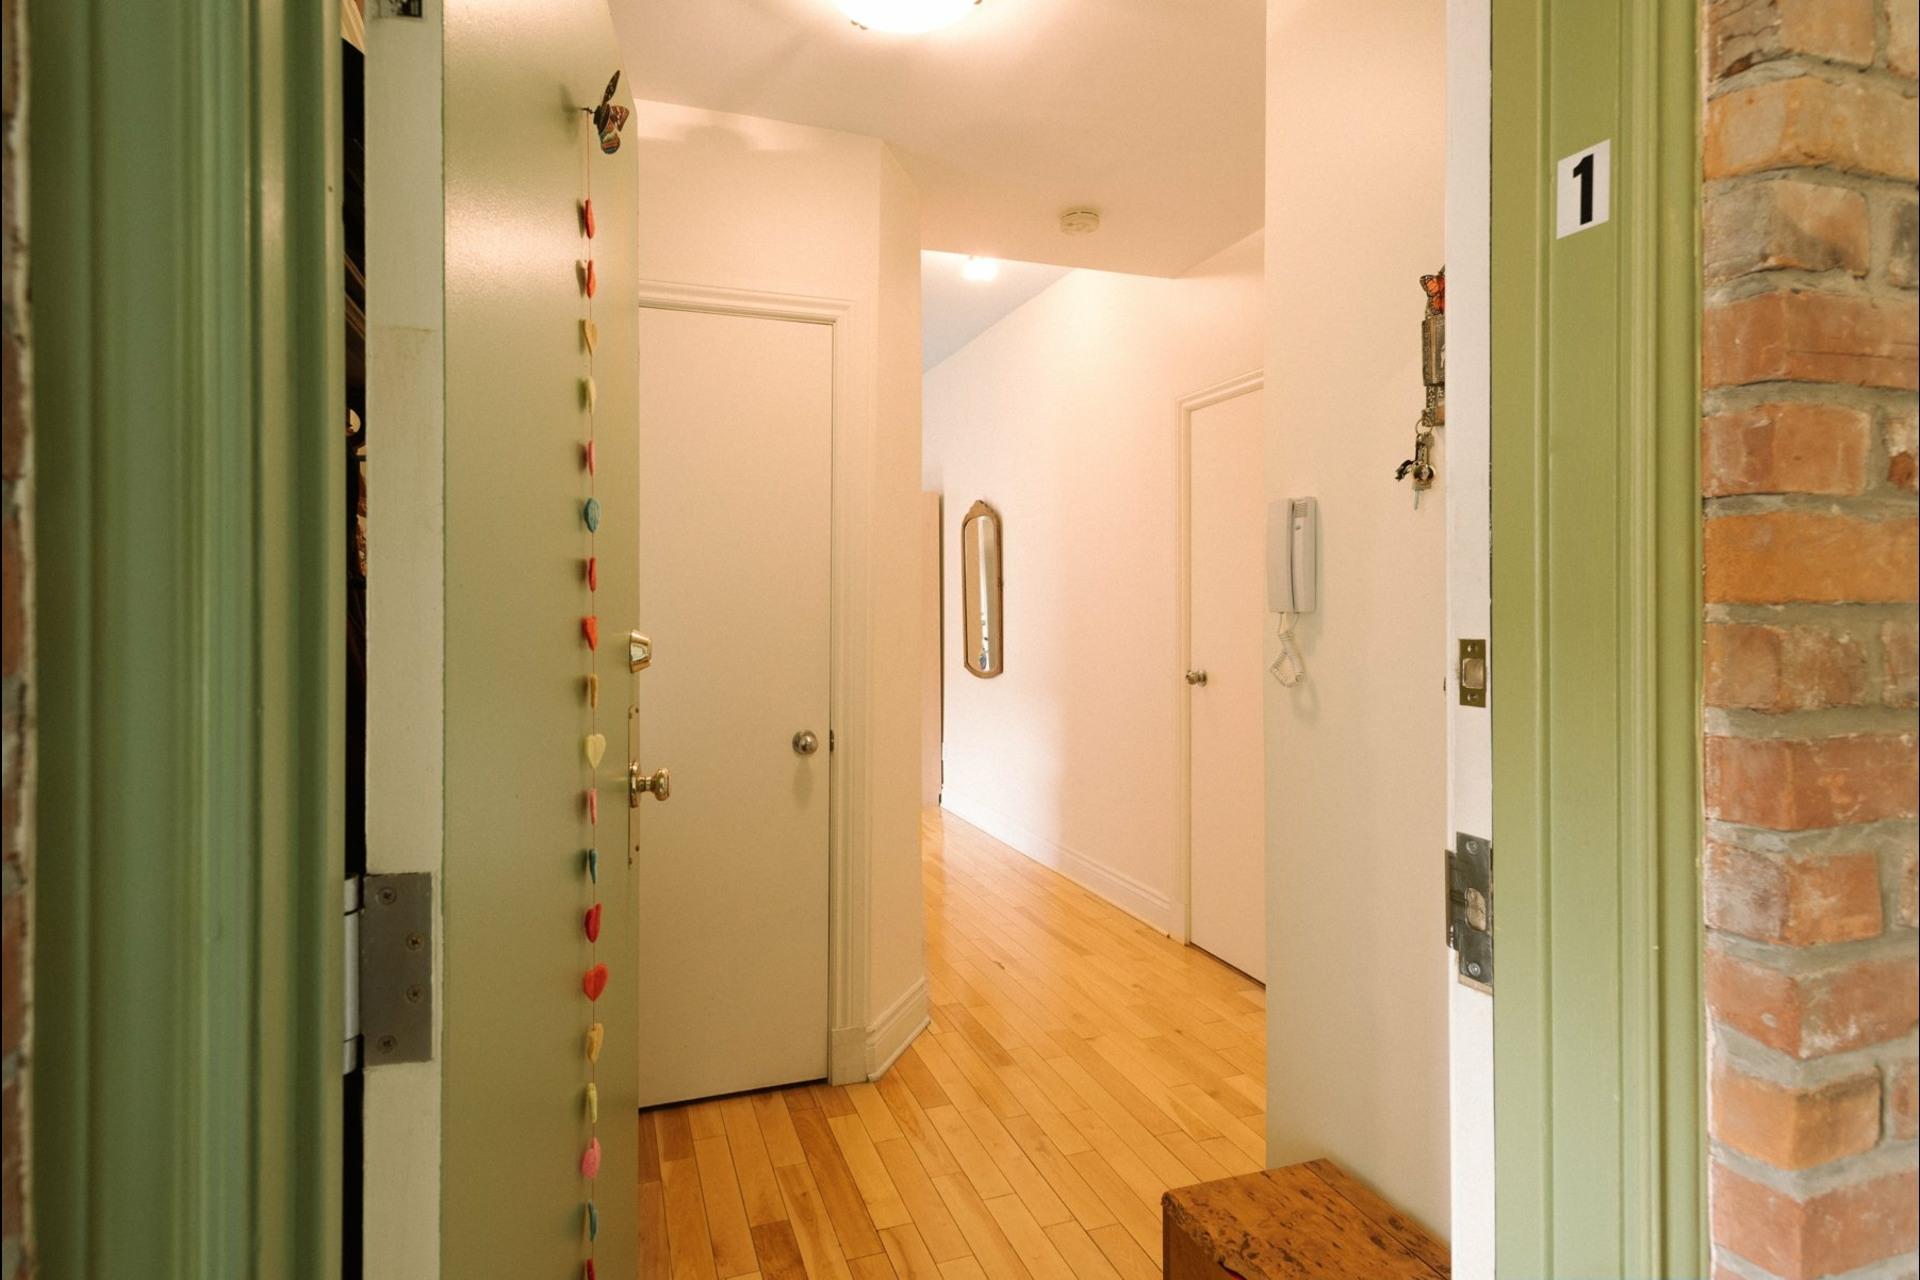 image 1 - Appartement À vendre Montréal Le Plateau-Mont-Royal  - 5 pièces